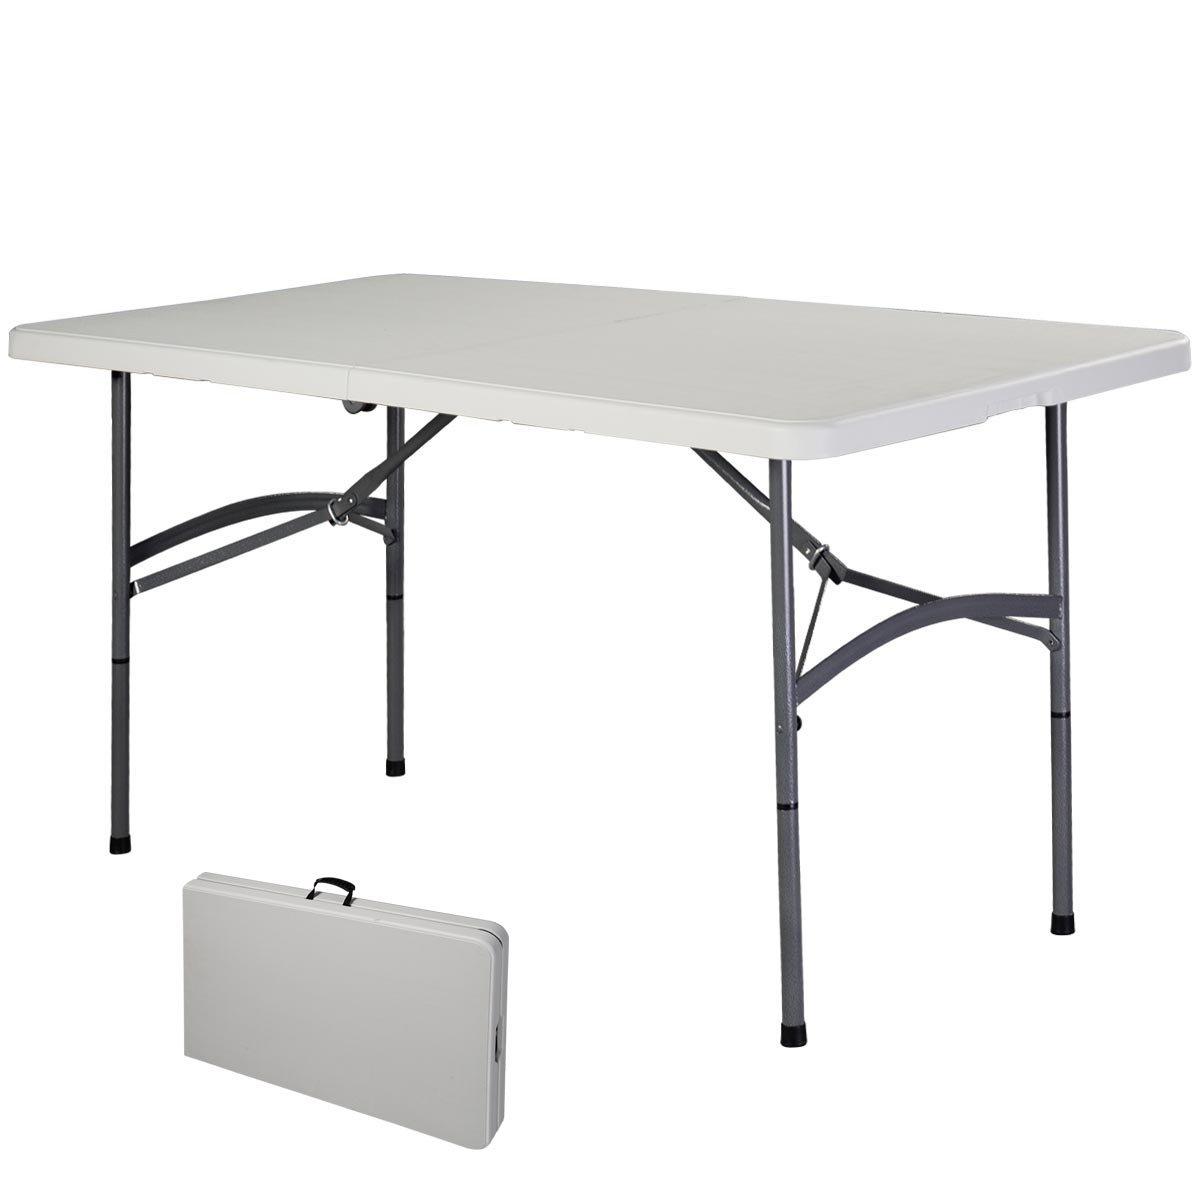 table table de jardin valise meilleures id es pour la conception et l 39 ameublement du jardin. Black Bedroom Furniture Sets. Home Design Ideas